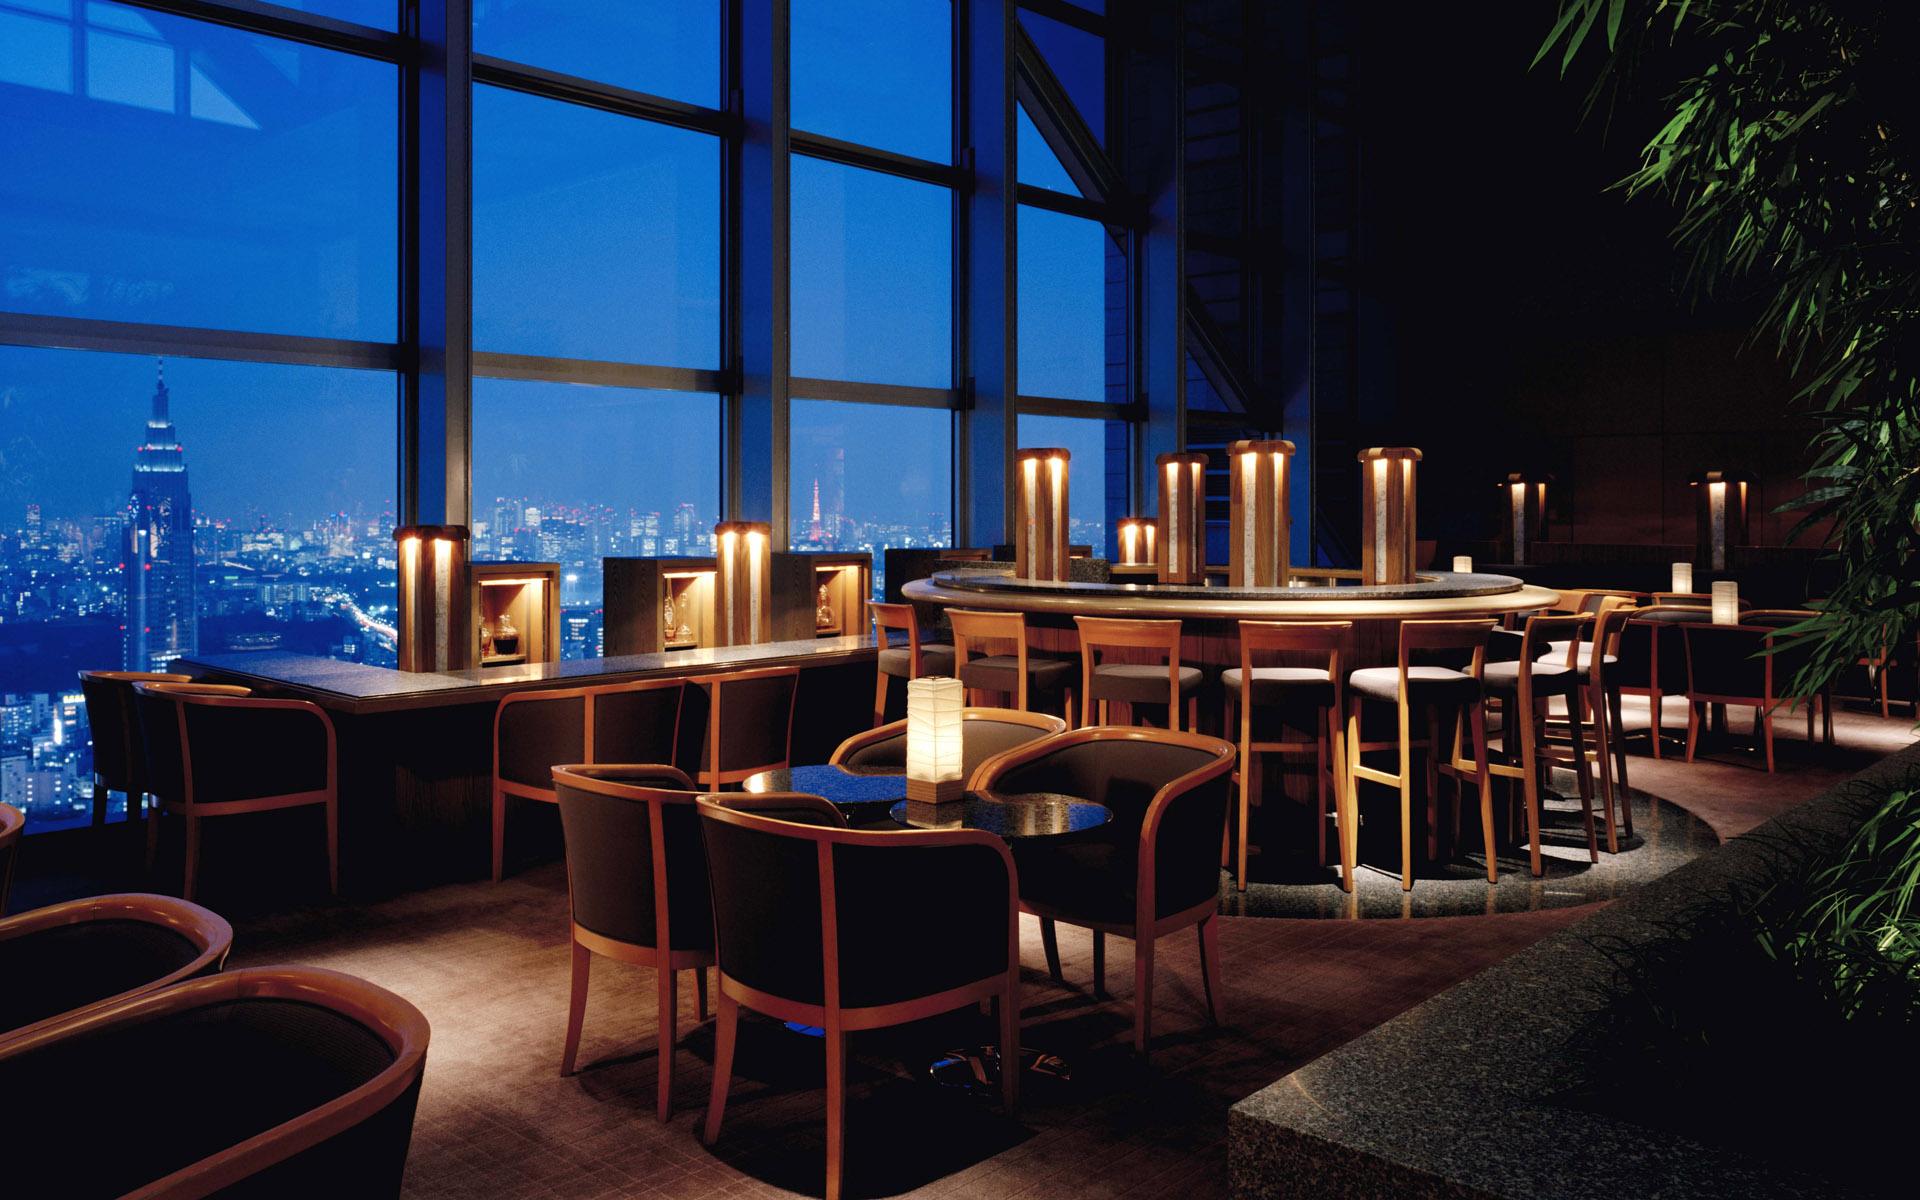 西餐厅酒吧装修效果高清图片素材2 20p 中国